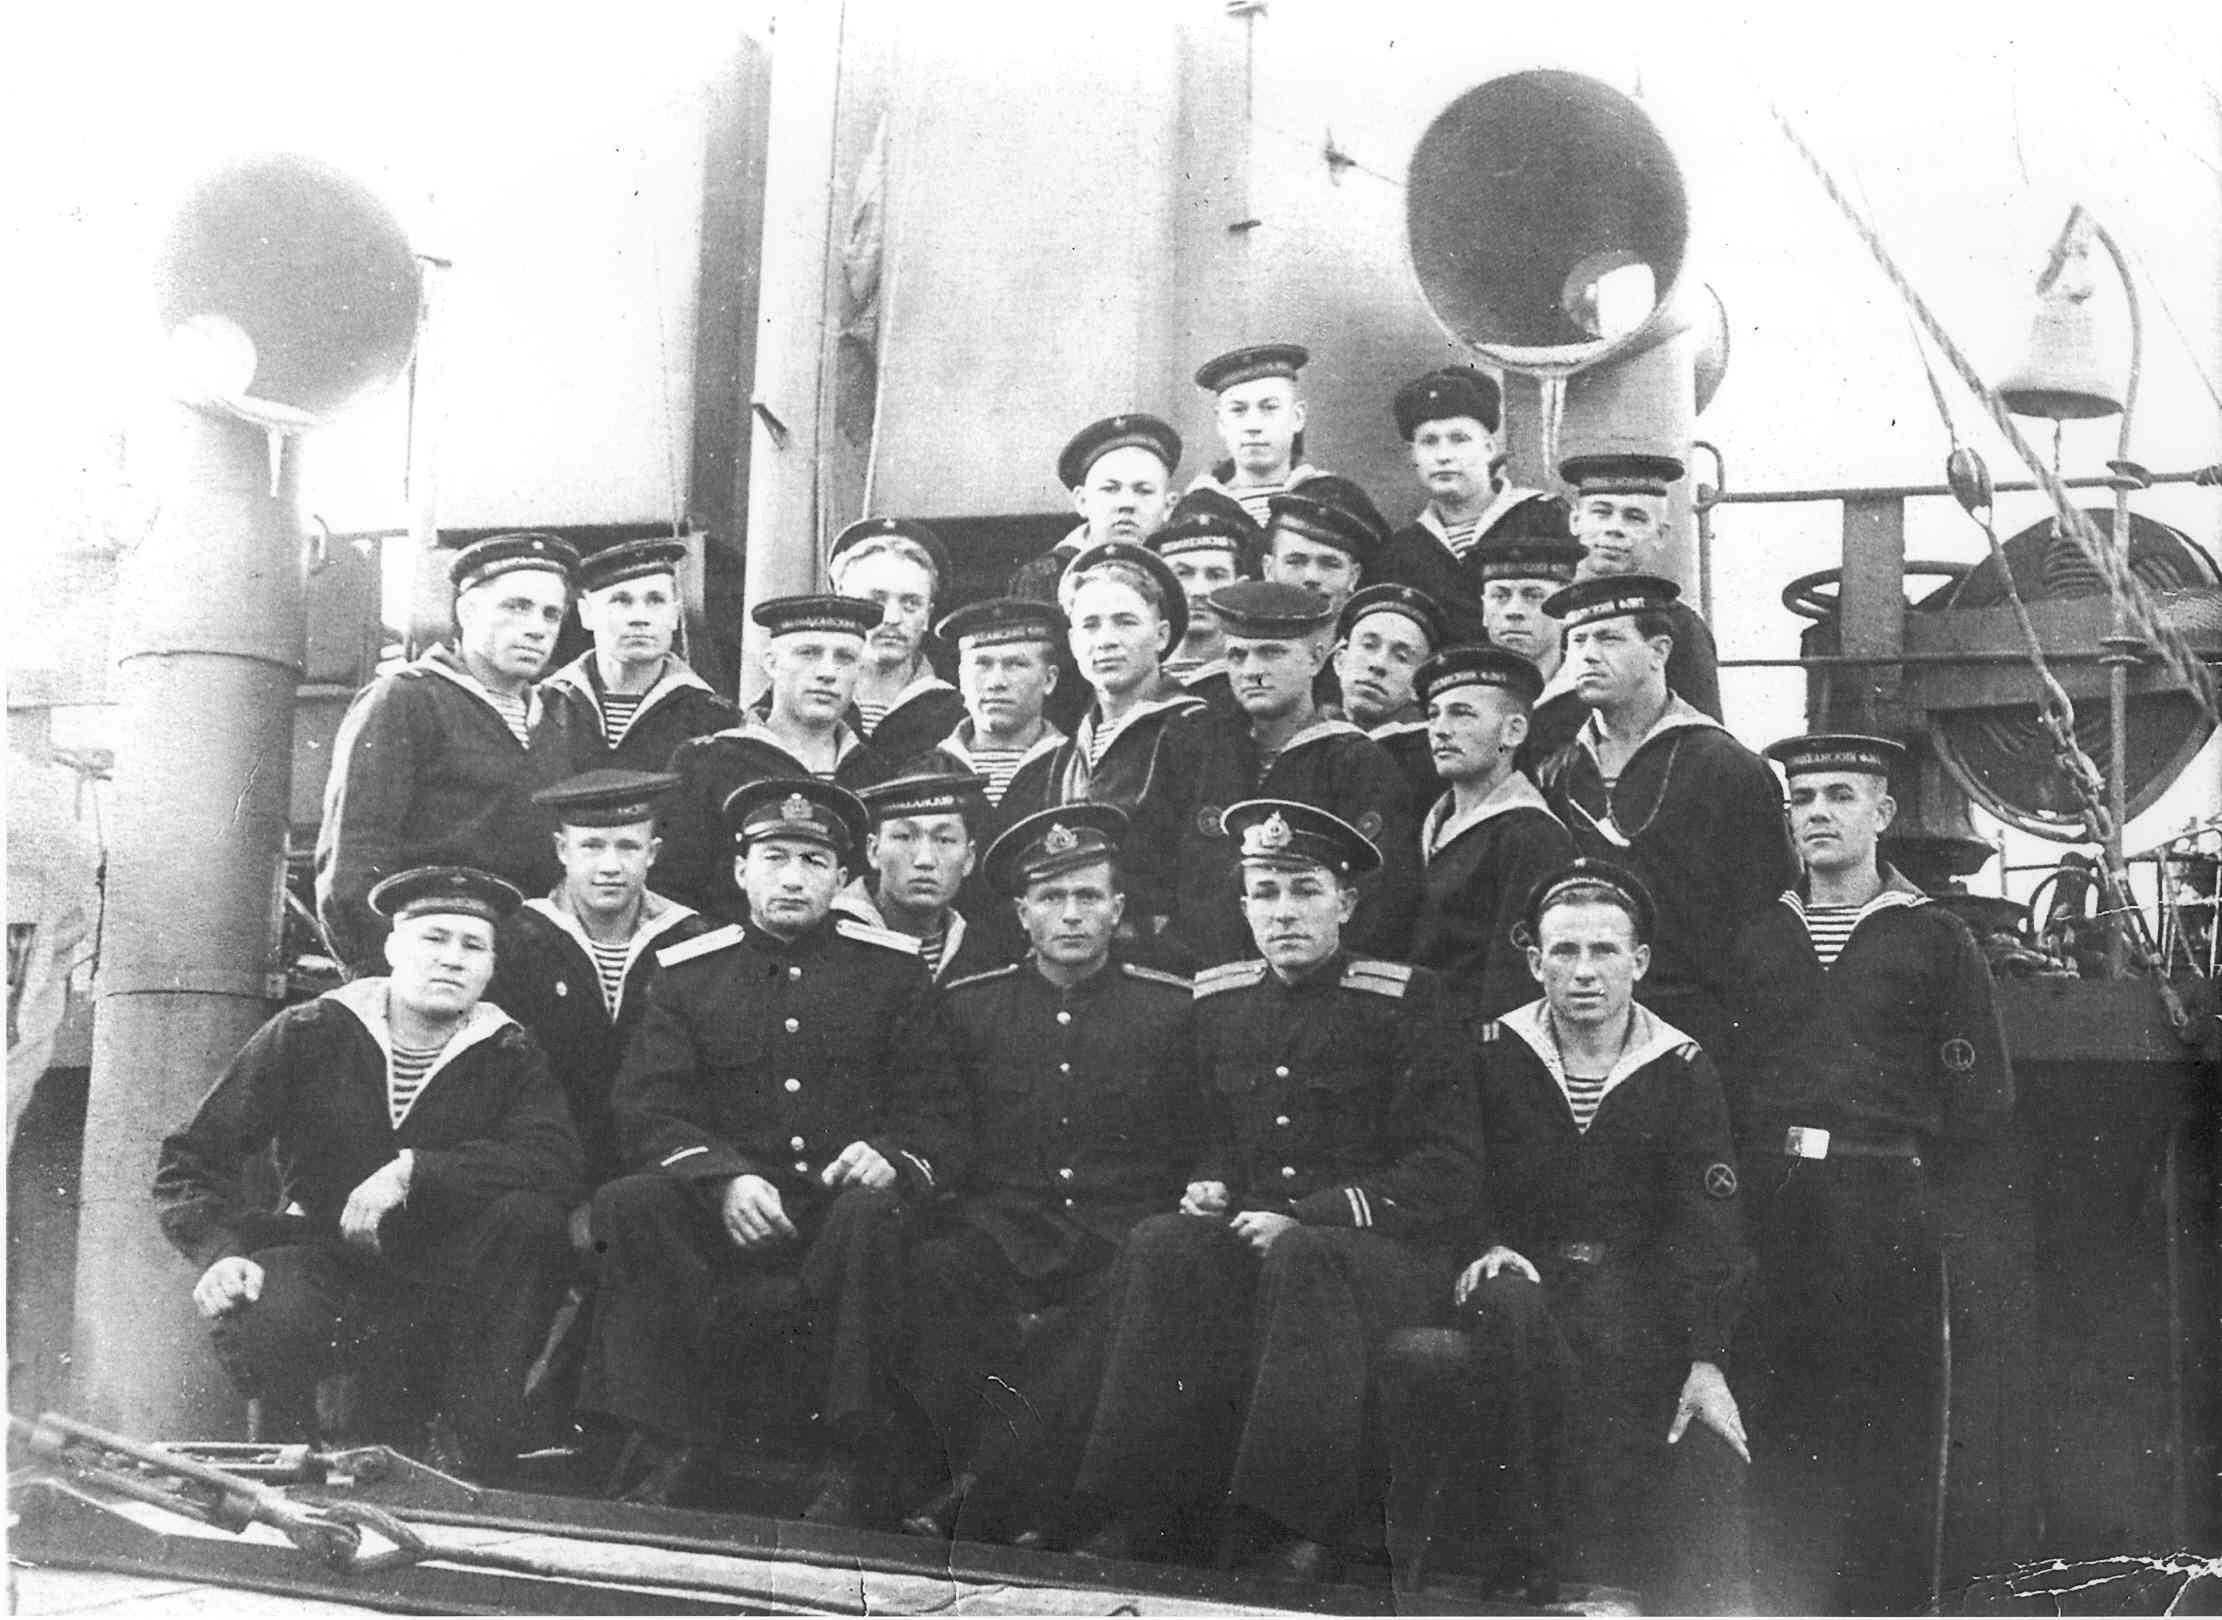 увидеть фотографии экипаж морской спб советское время отворилось, него